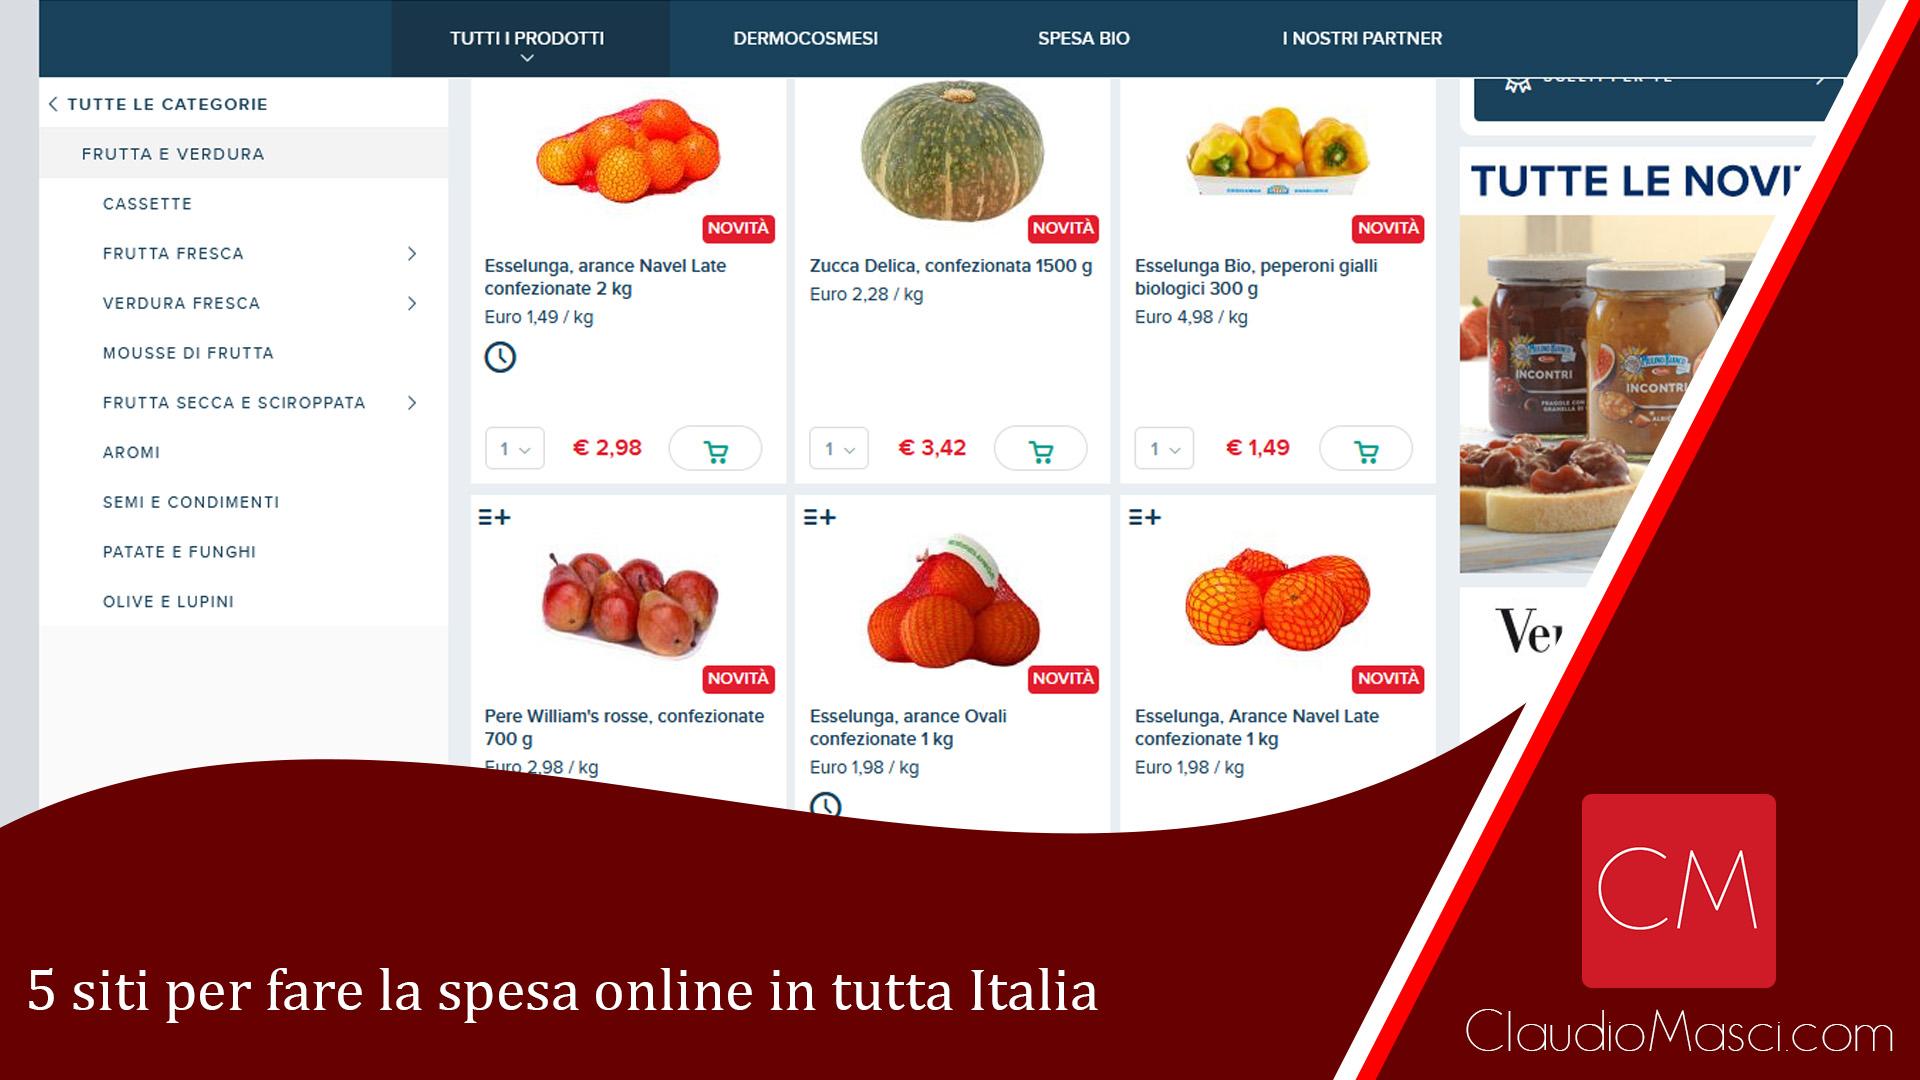 5 siti per fare la spesa online in tutta Italia